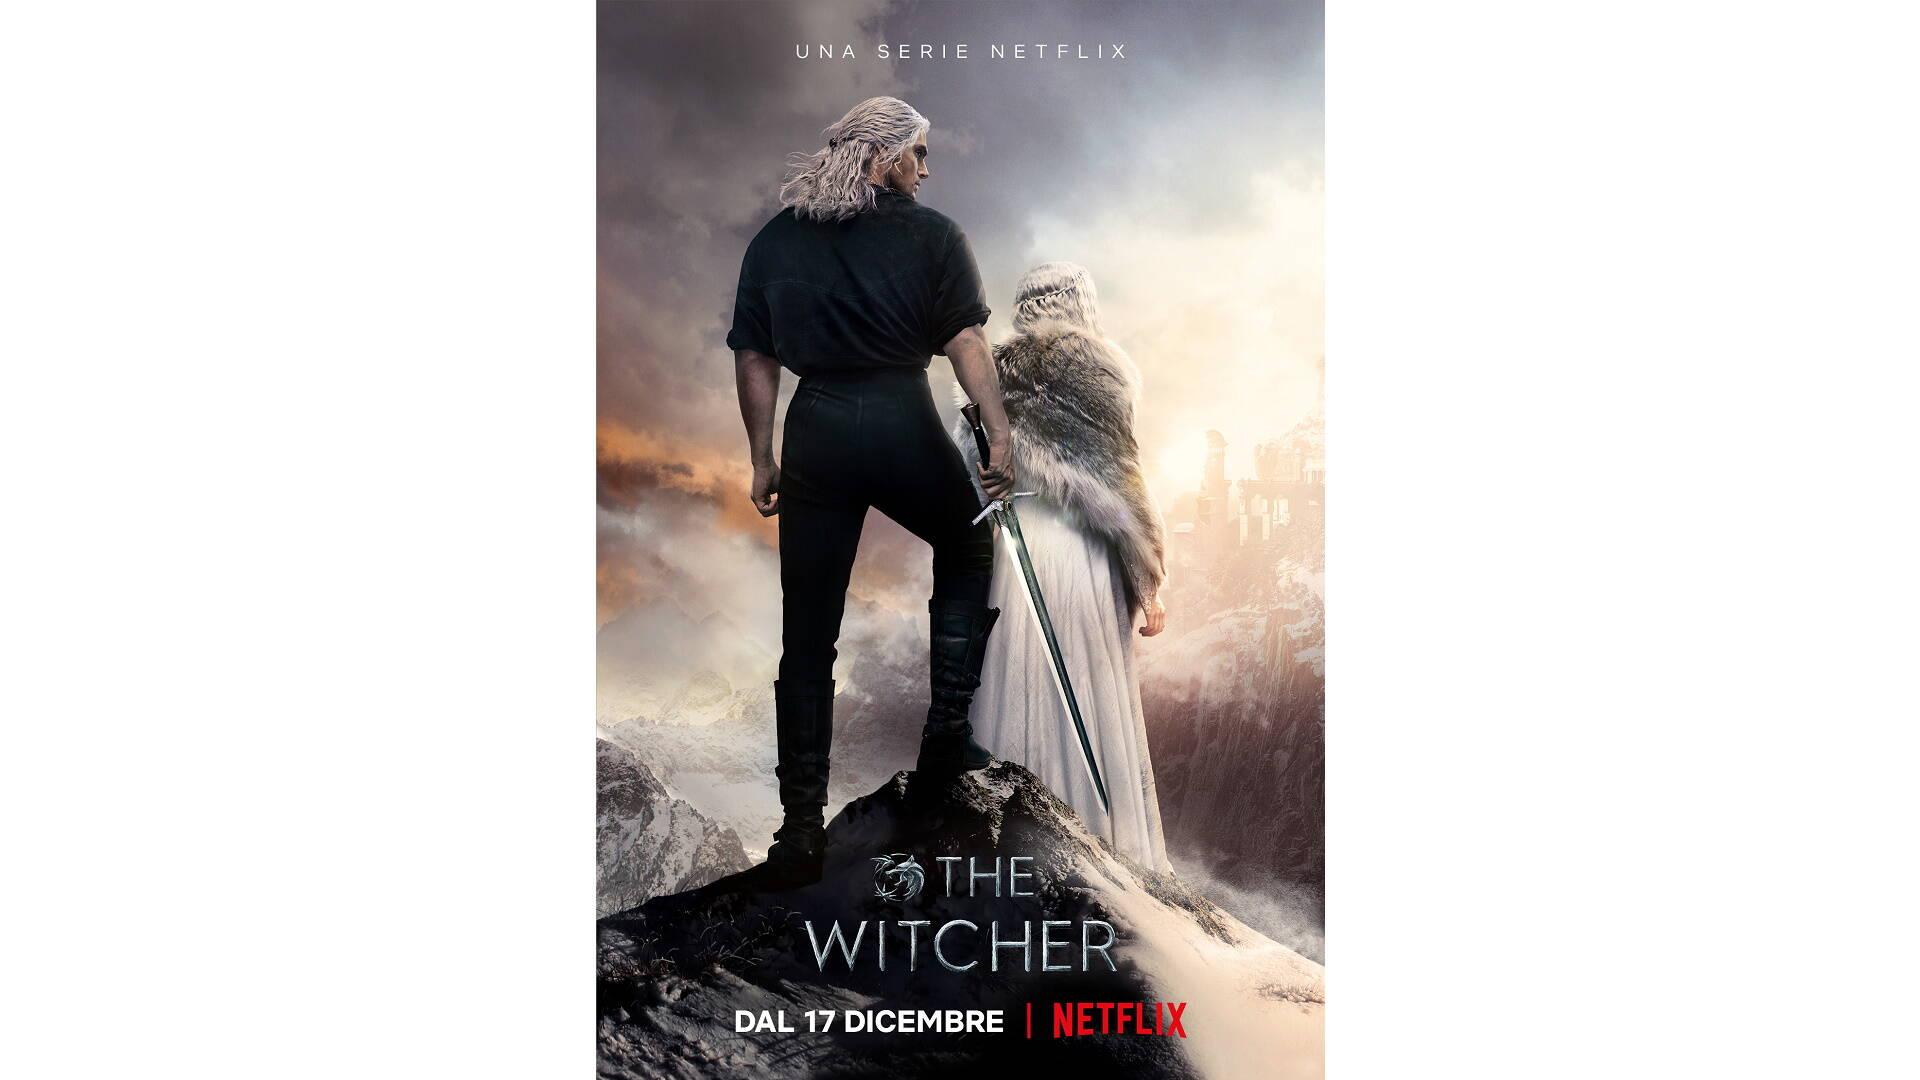 The Witcher Stagione 2: la data di uscita